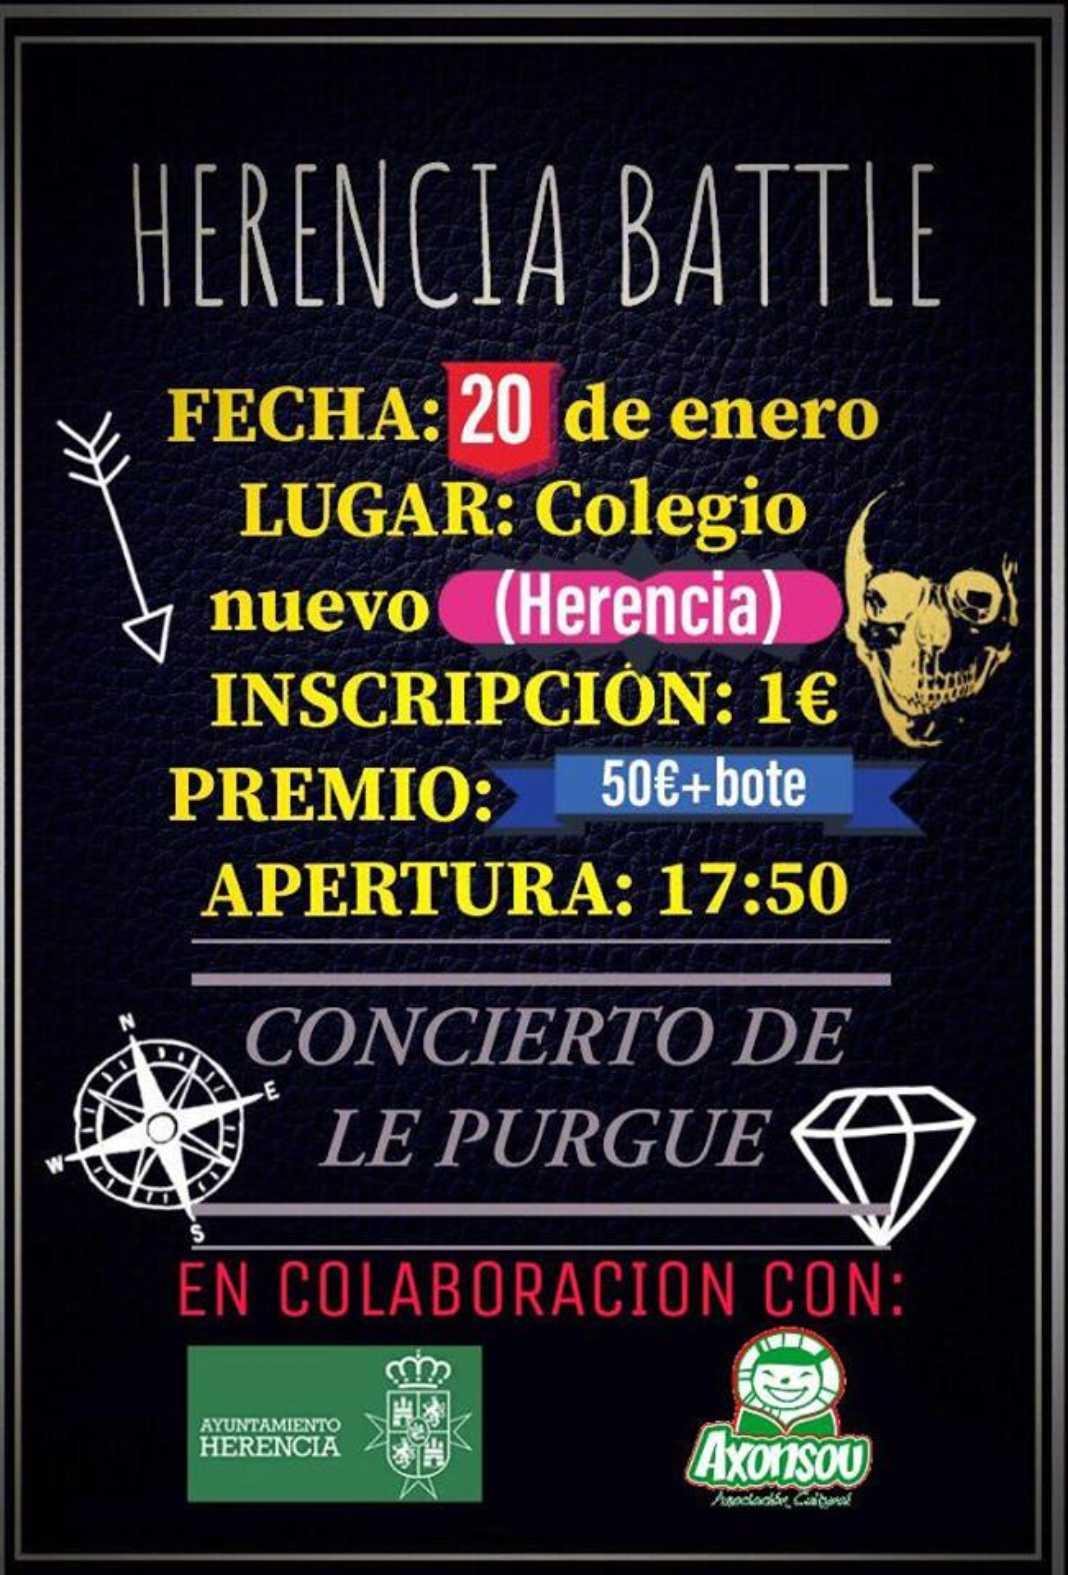 """herencia battle 1068x1575 - Axonsou organiza una """"pelea de gallos"""" en Herencia"""